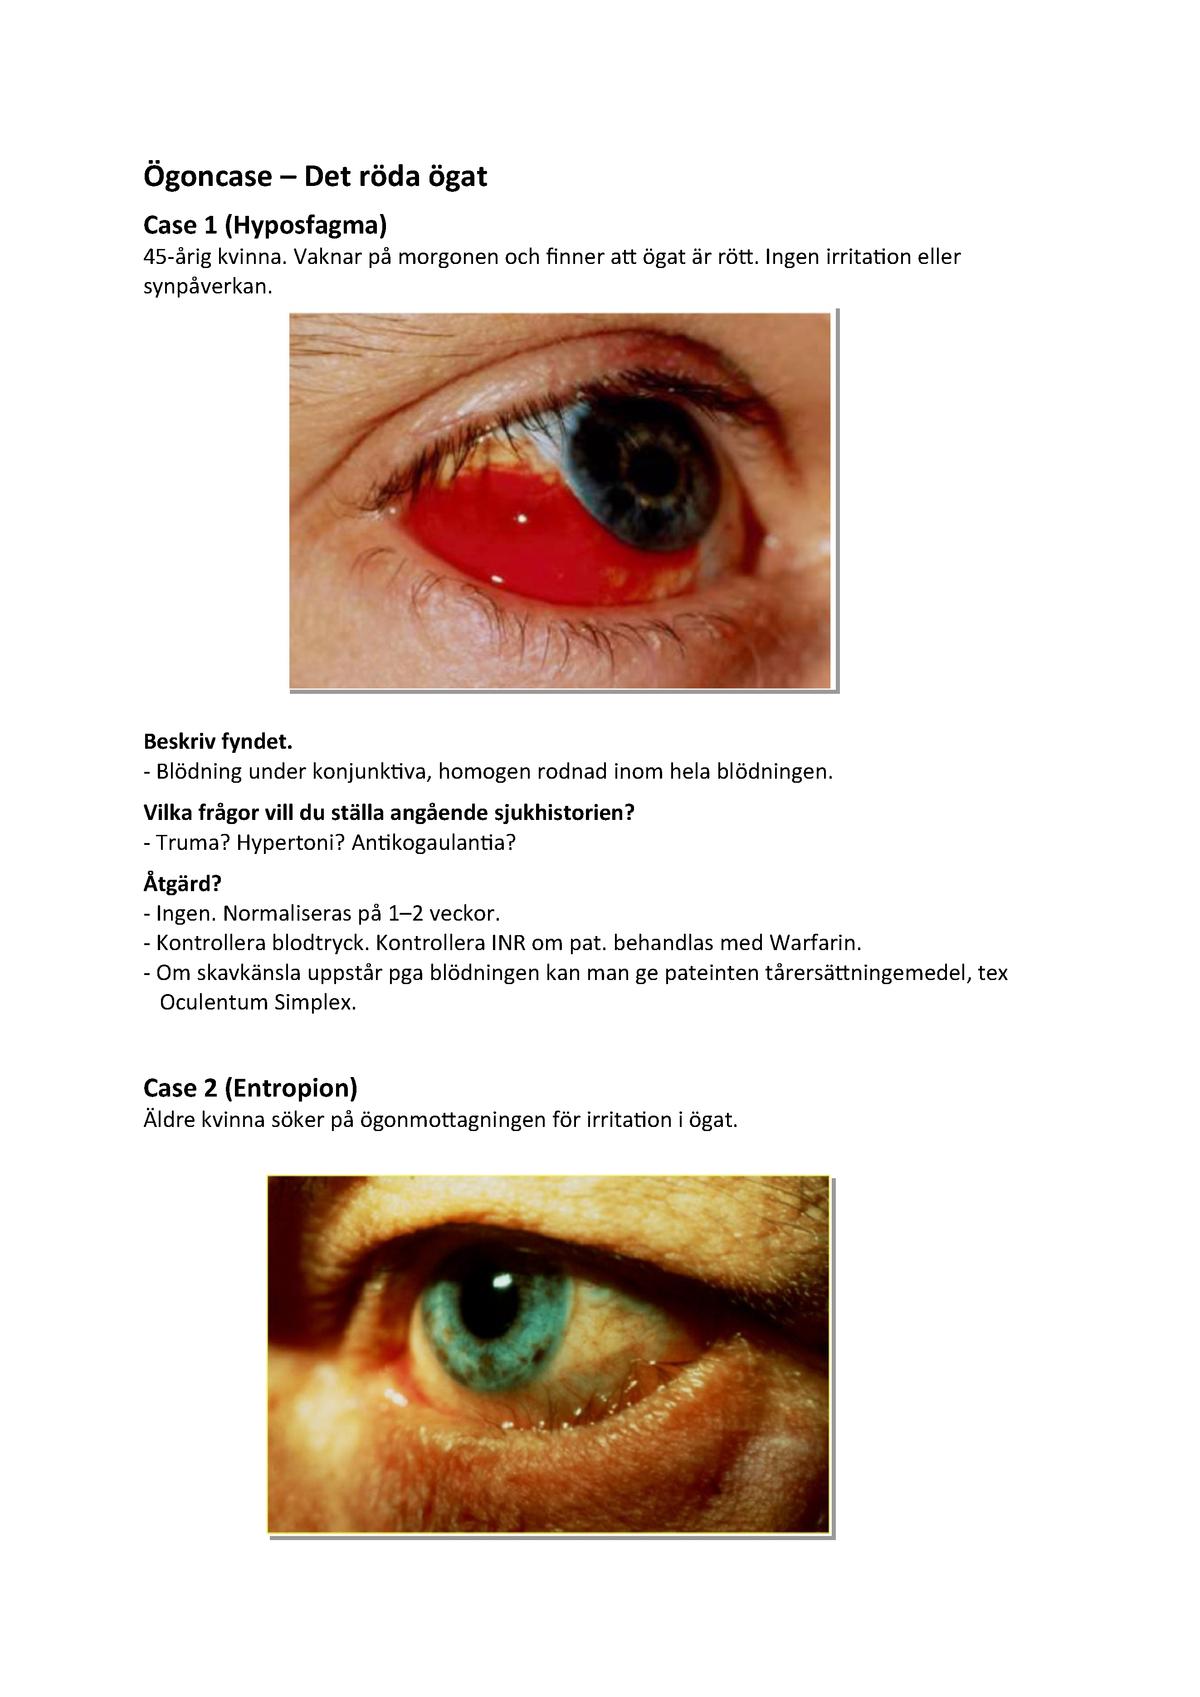 Upprepade blödningar i ögat